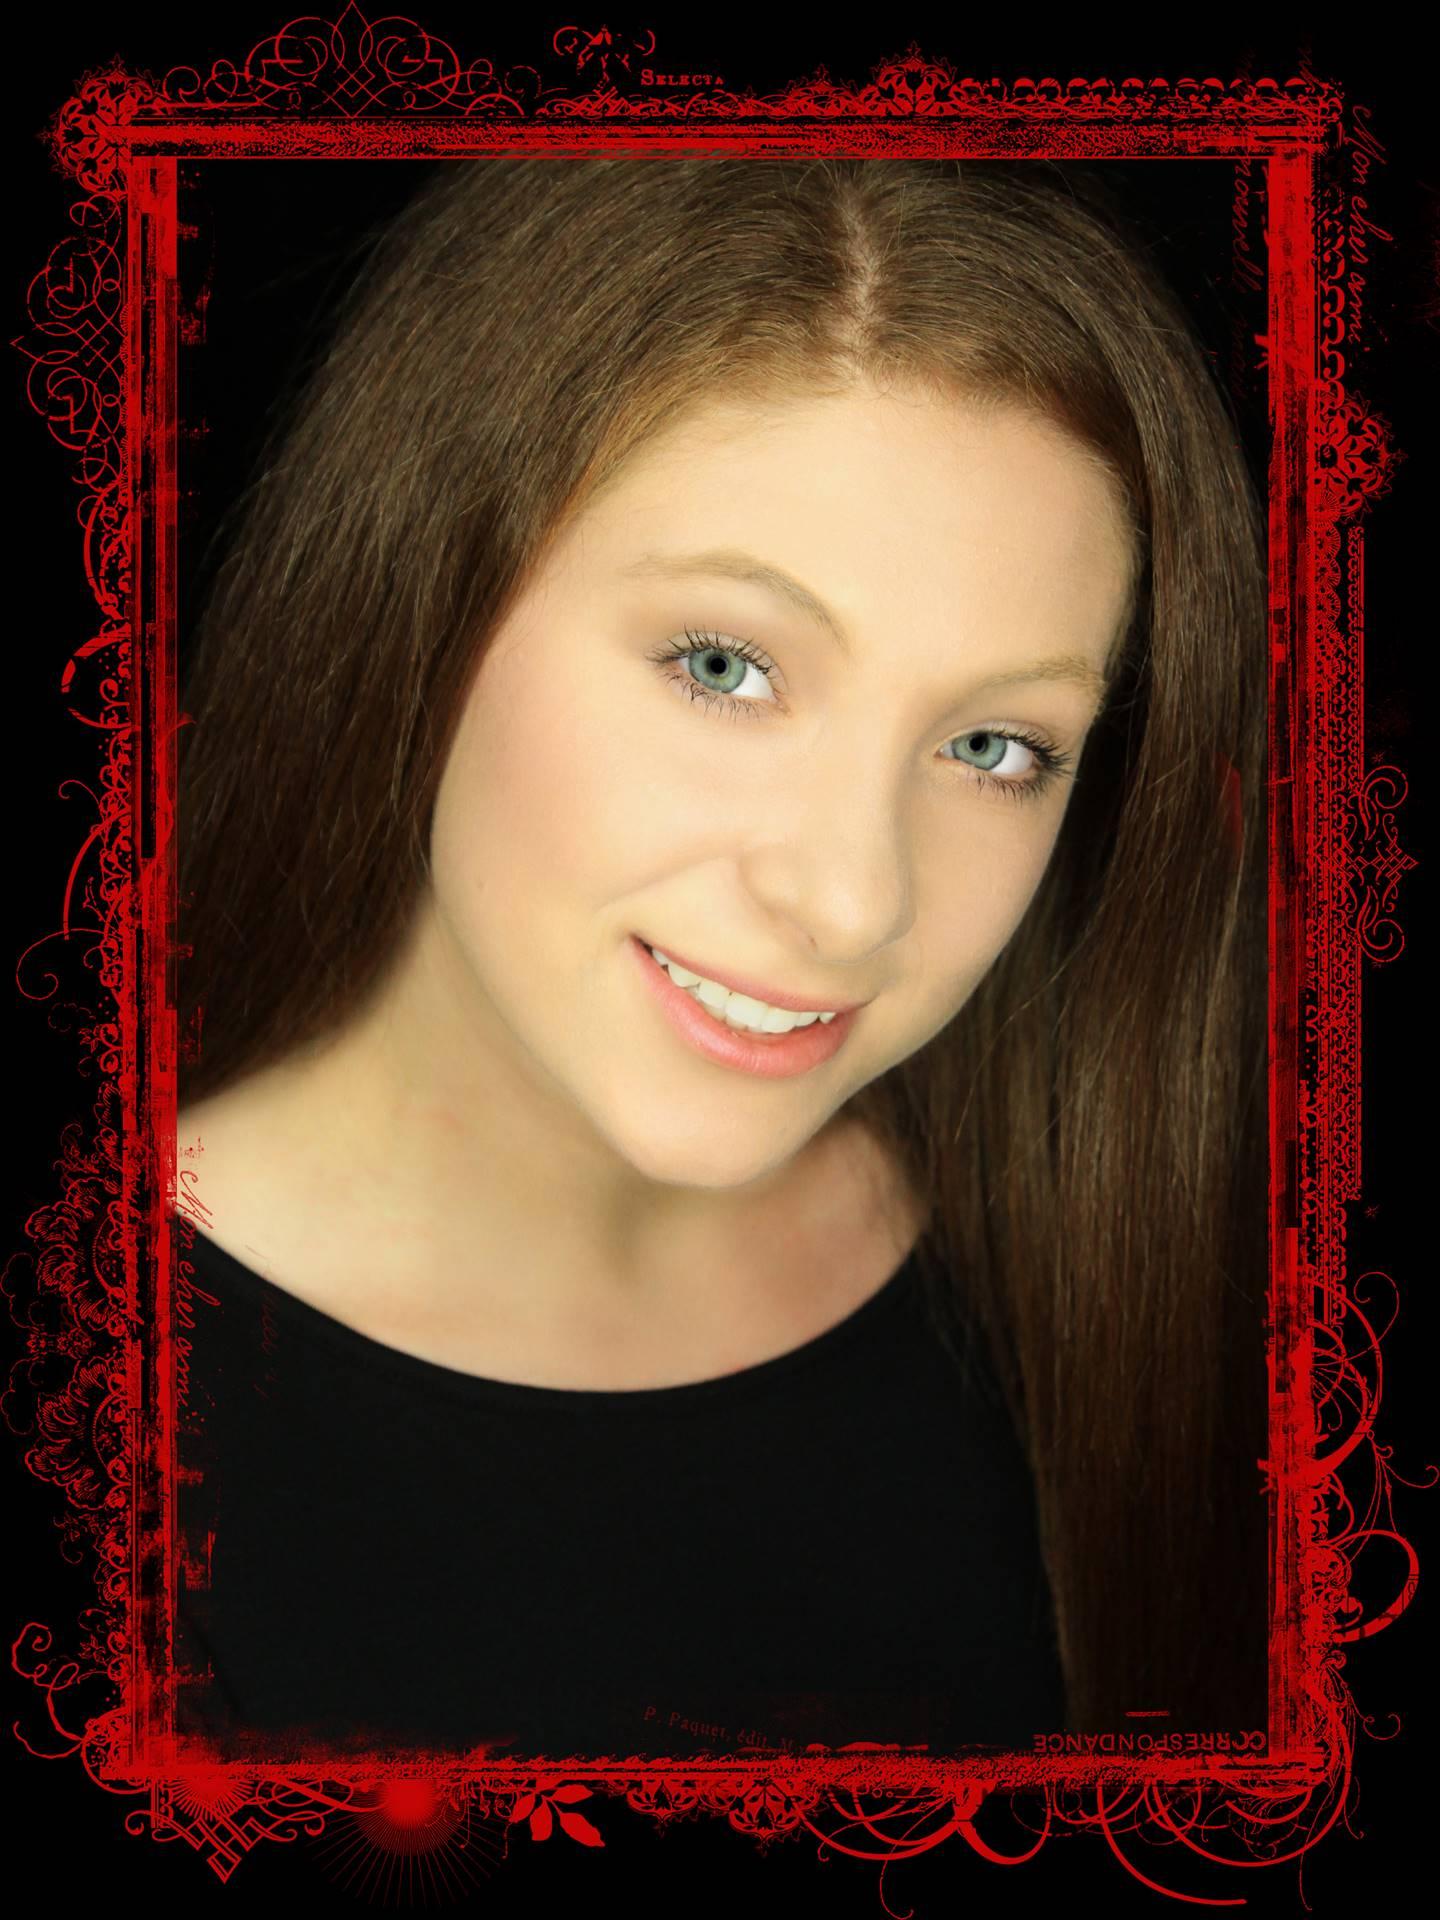 Kloe Montgomery